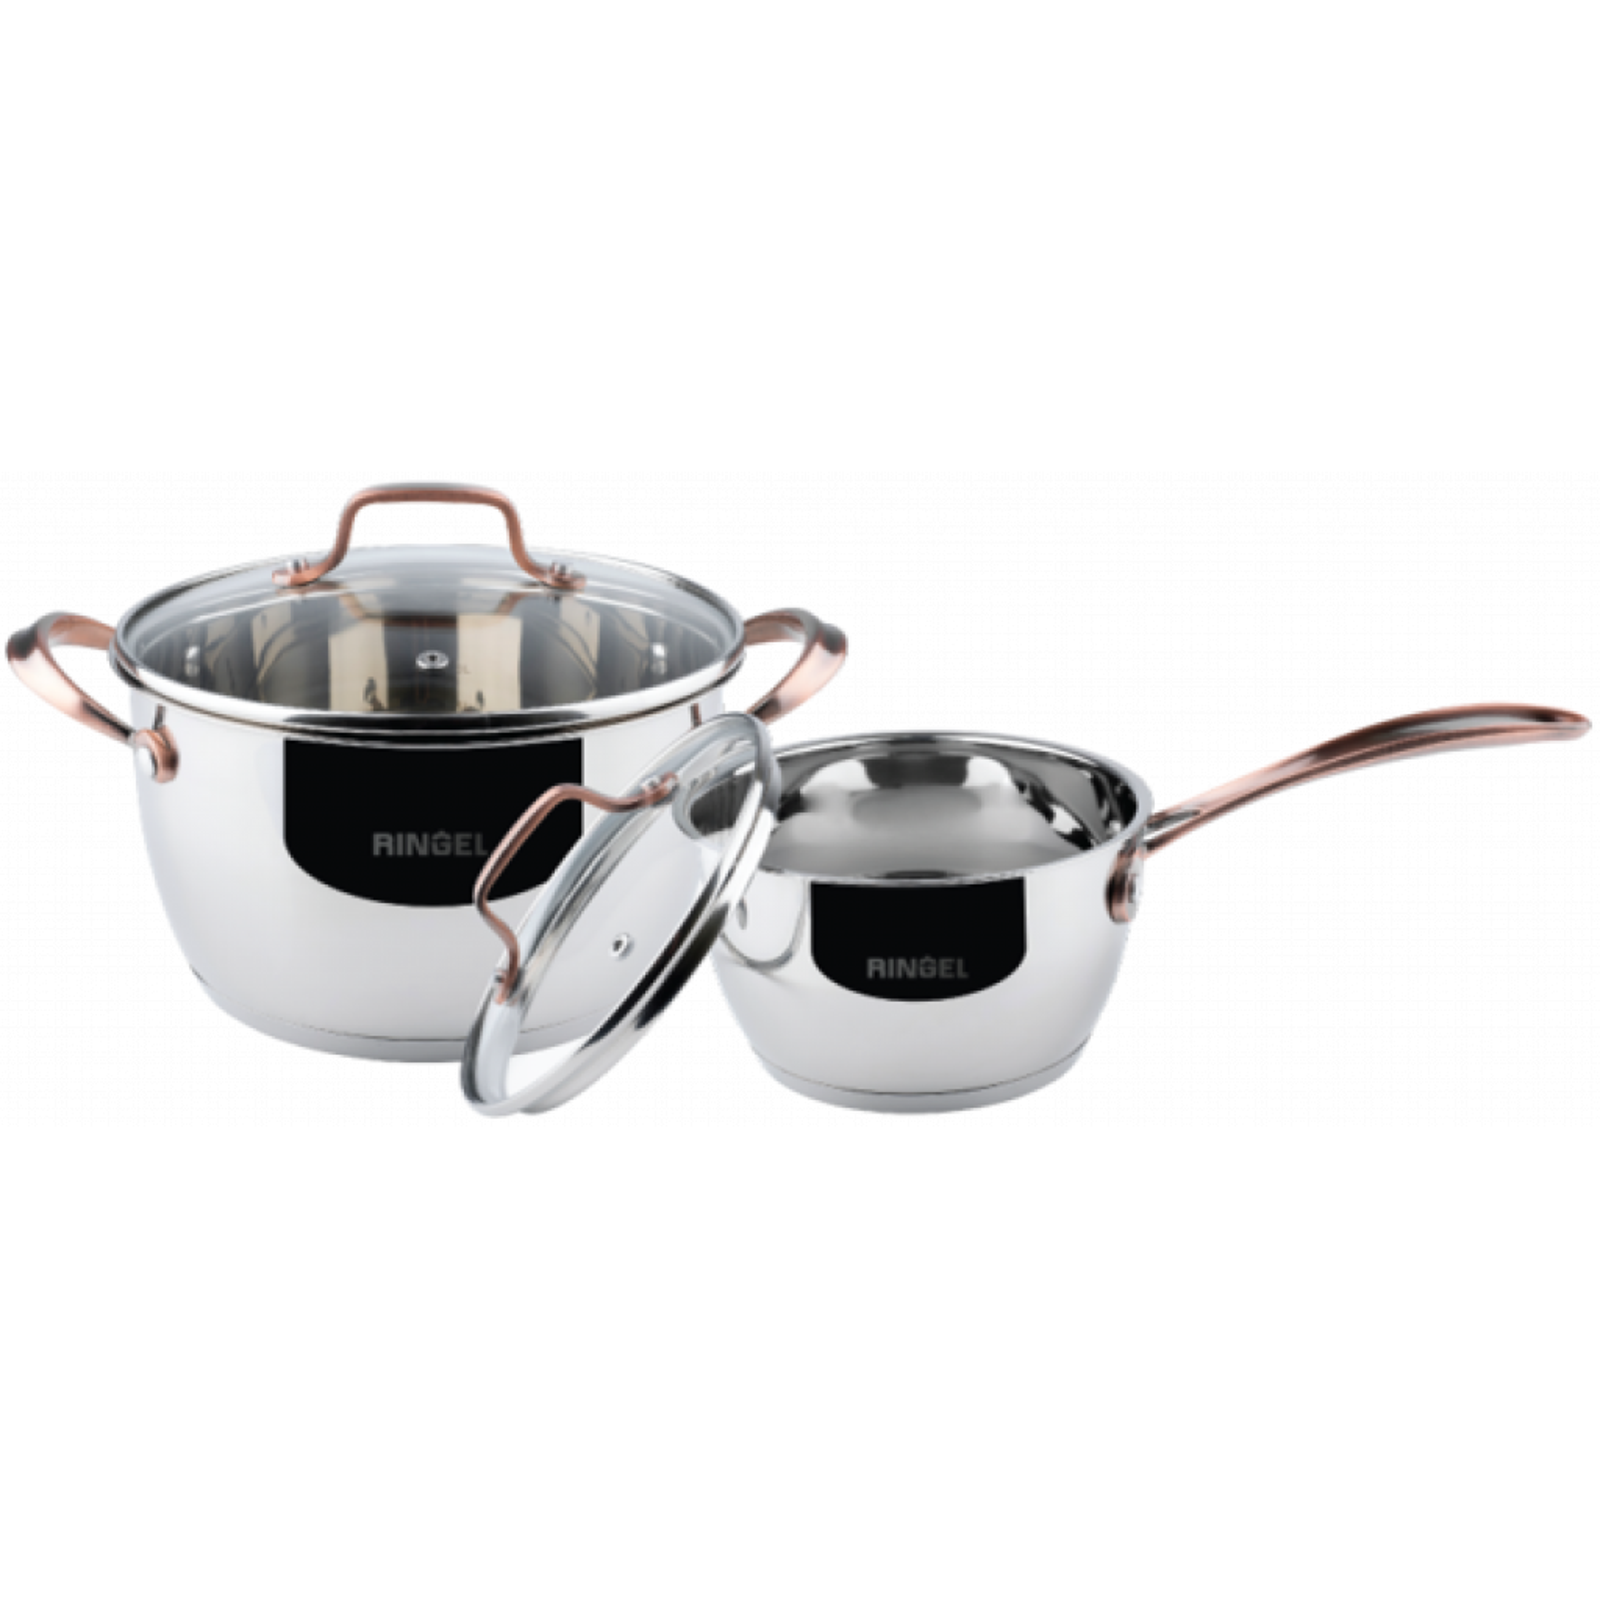 Набор посуды Ringel Mainz 4 предмета (RG-6003)